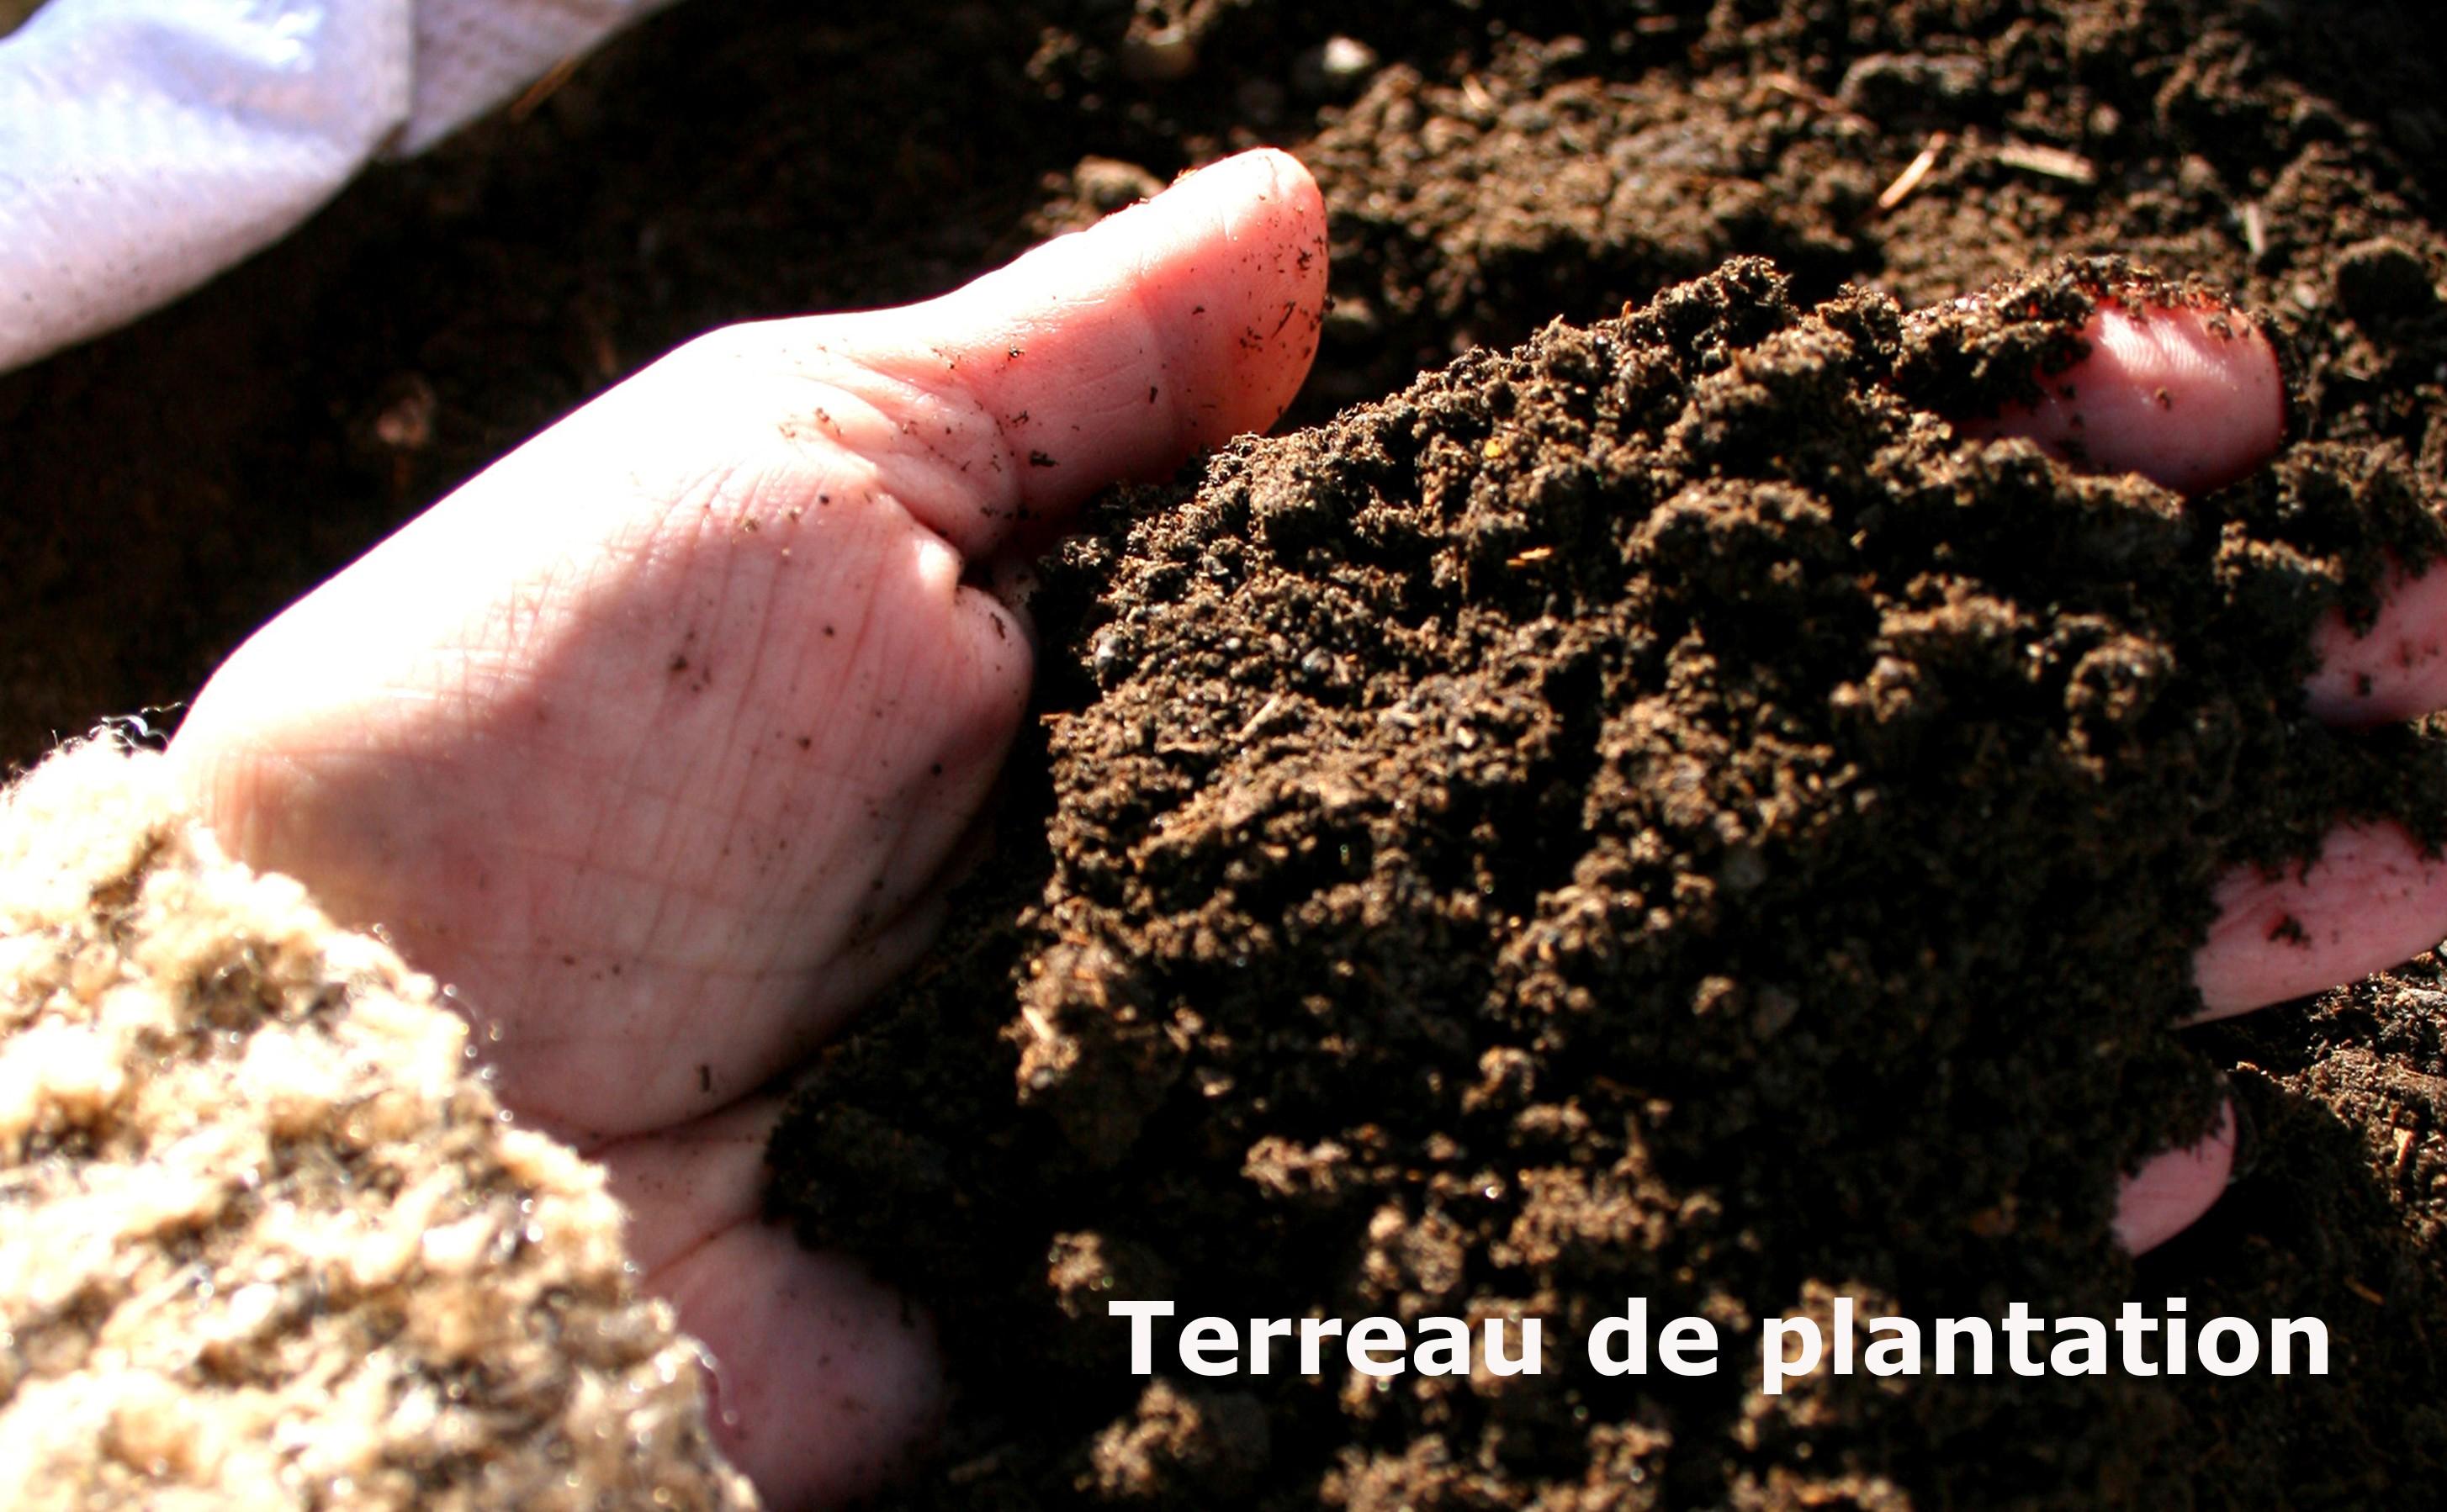 dfd66fcf524 Vente de terre terreau en vrac et big bag - Terre et Végétal